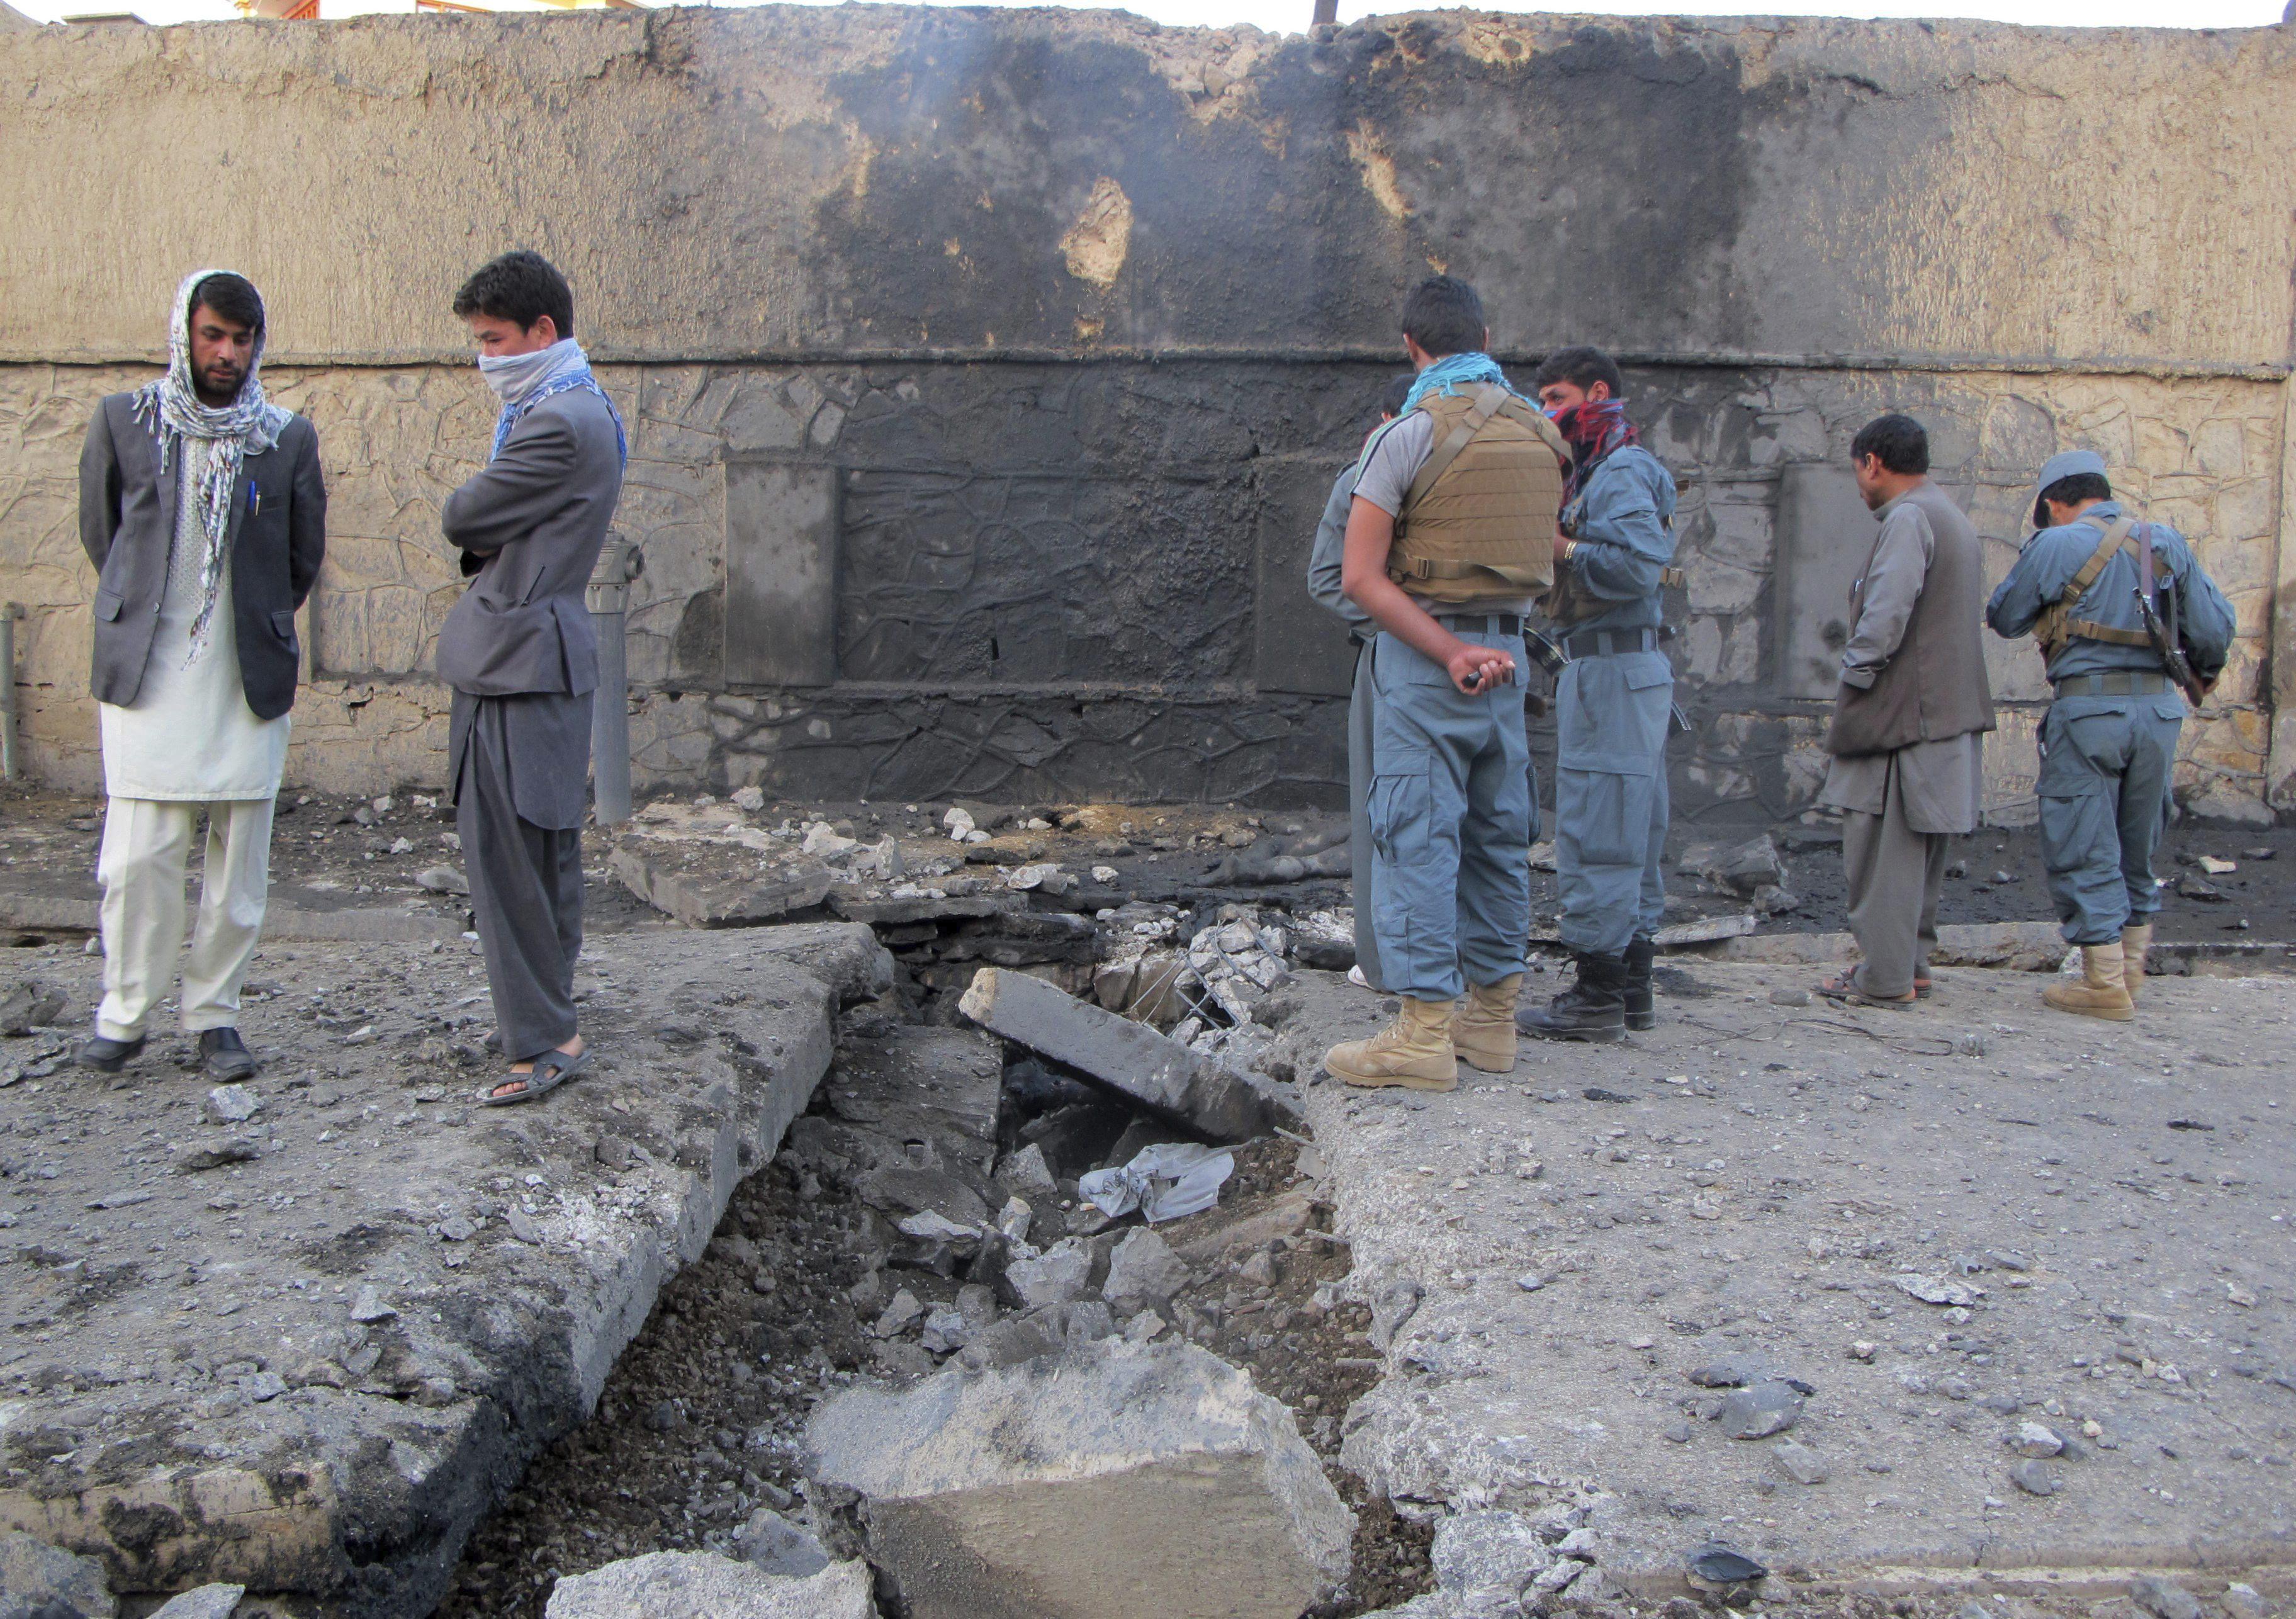 Seis muertos y 13 heridos en un atentado con bomba en Afganistán